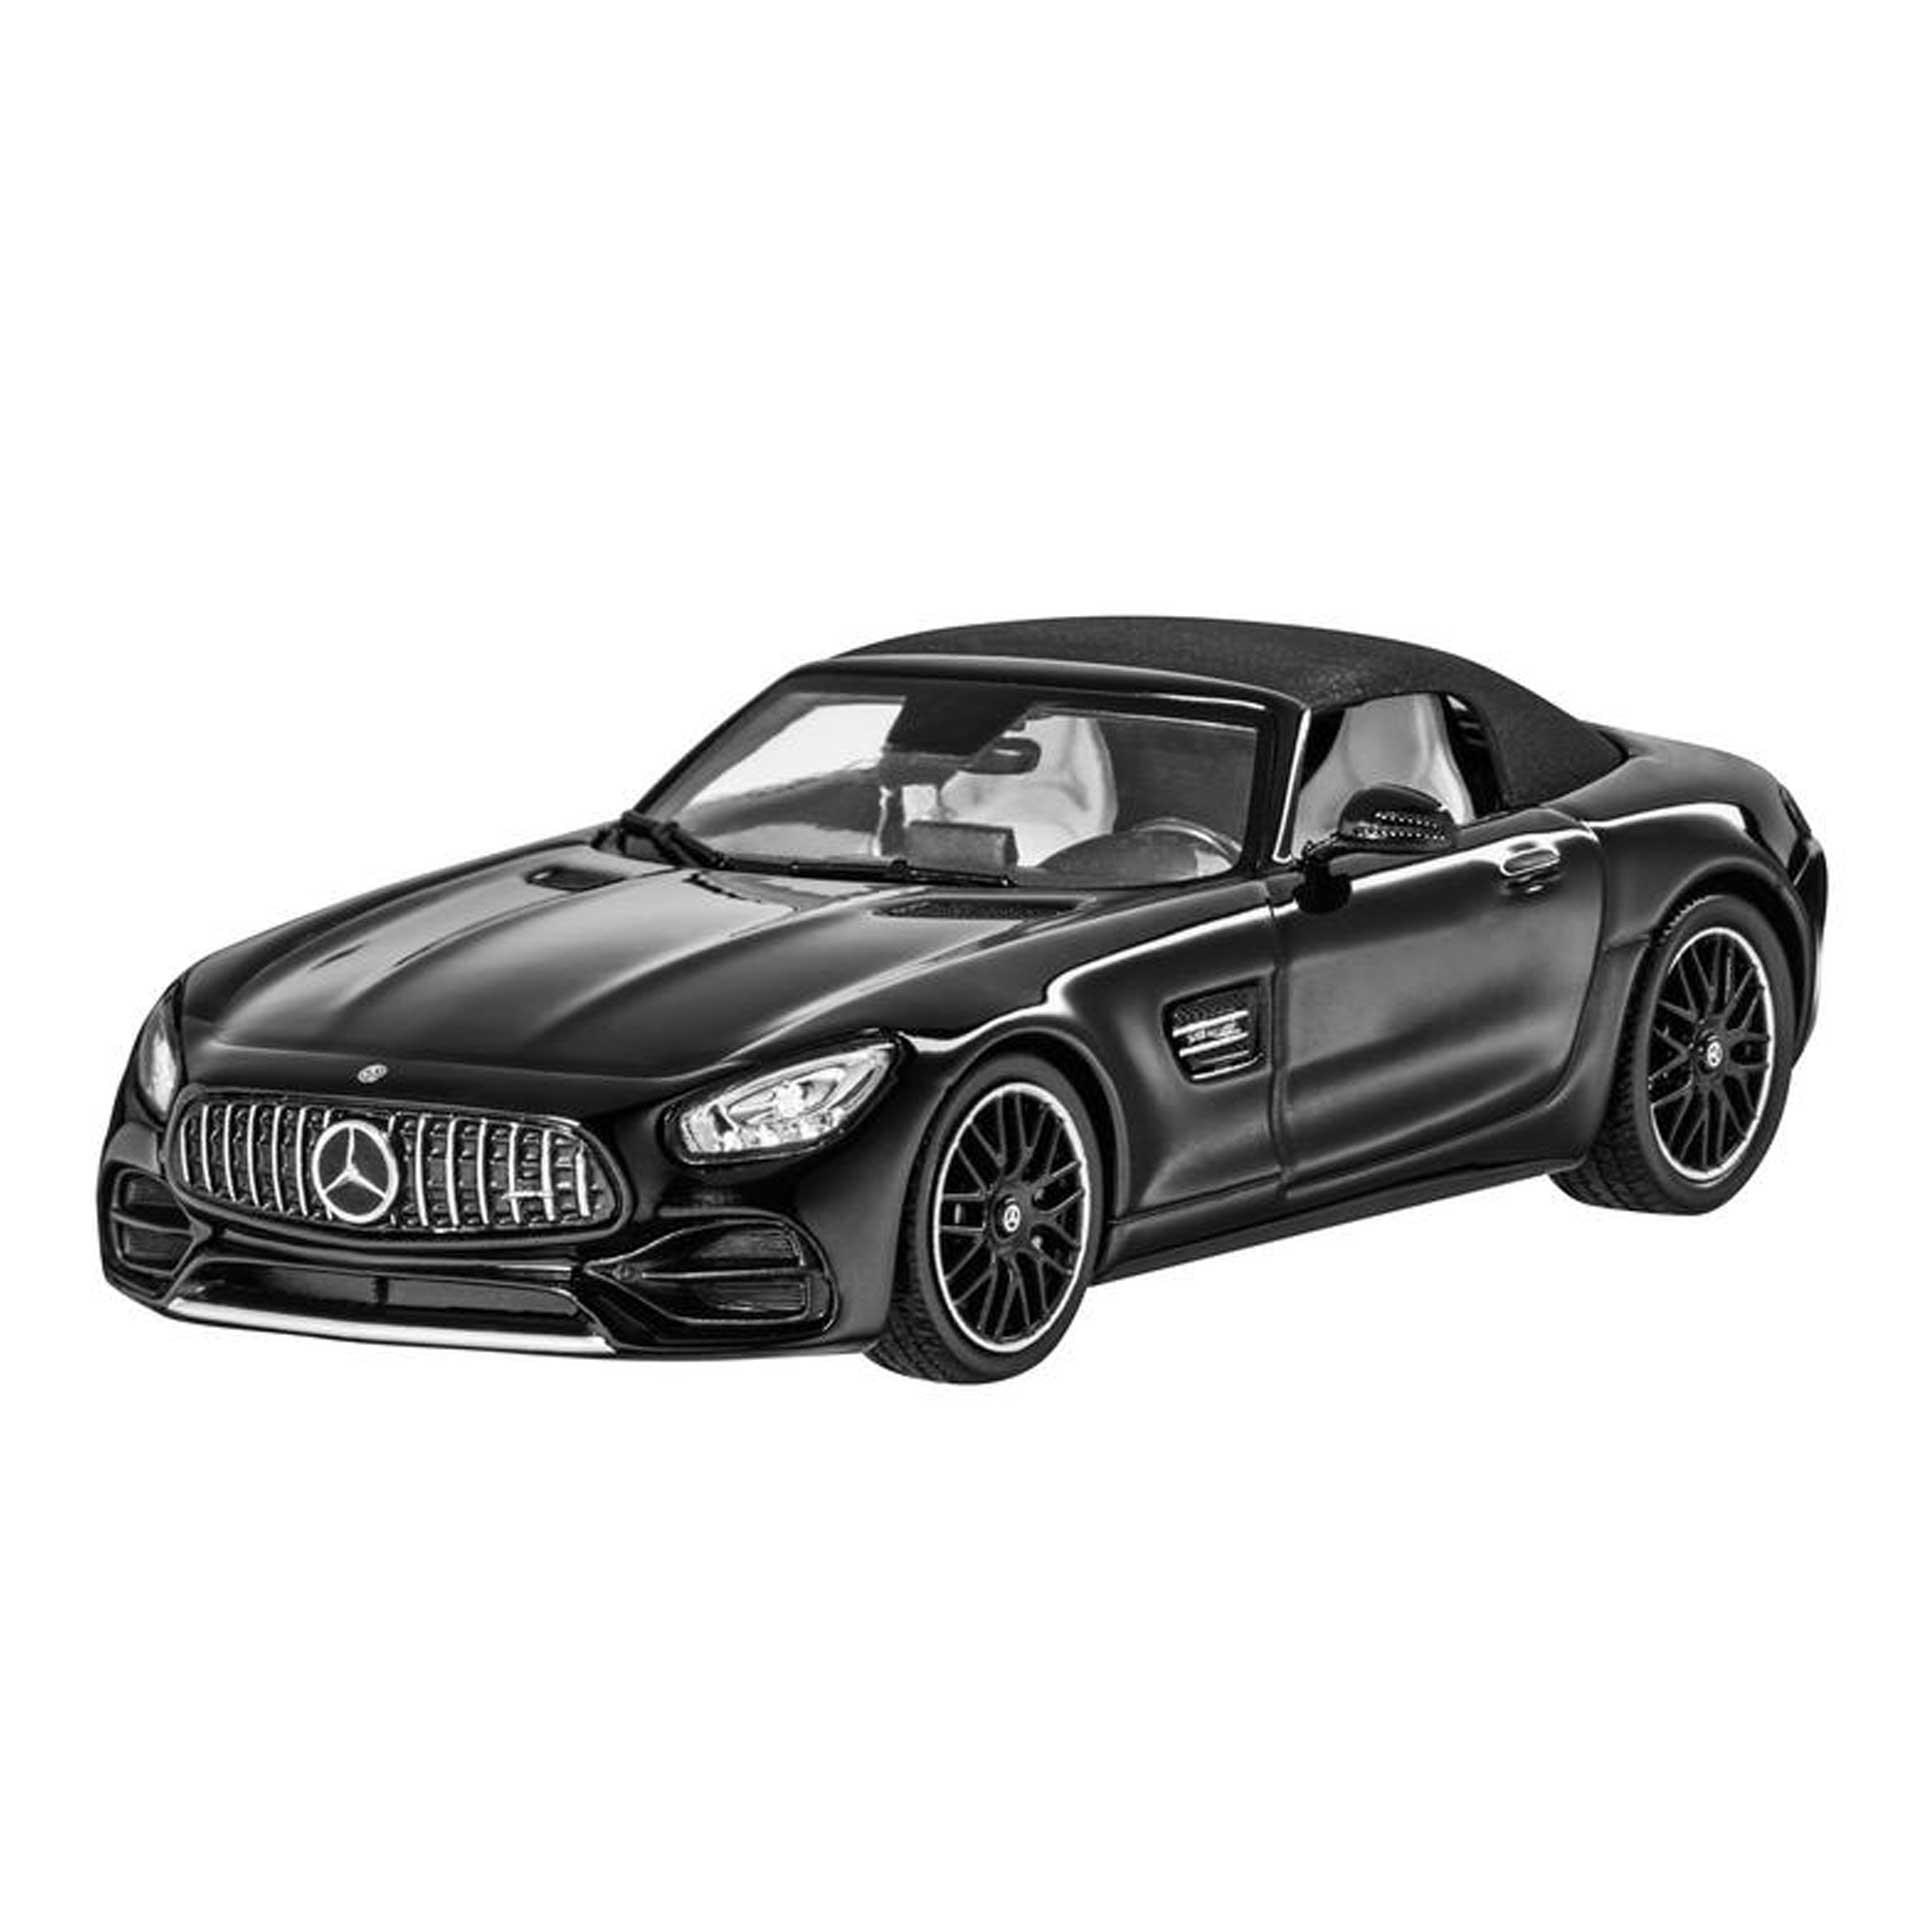 Mercedes-Benz AMG GT Roadster R190 Modellauto 1:43 magnetitschwarz